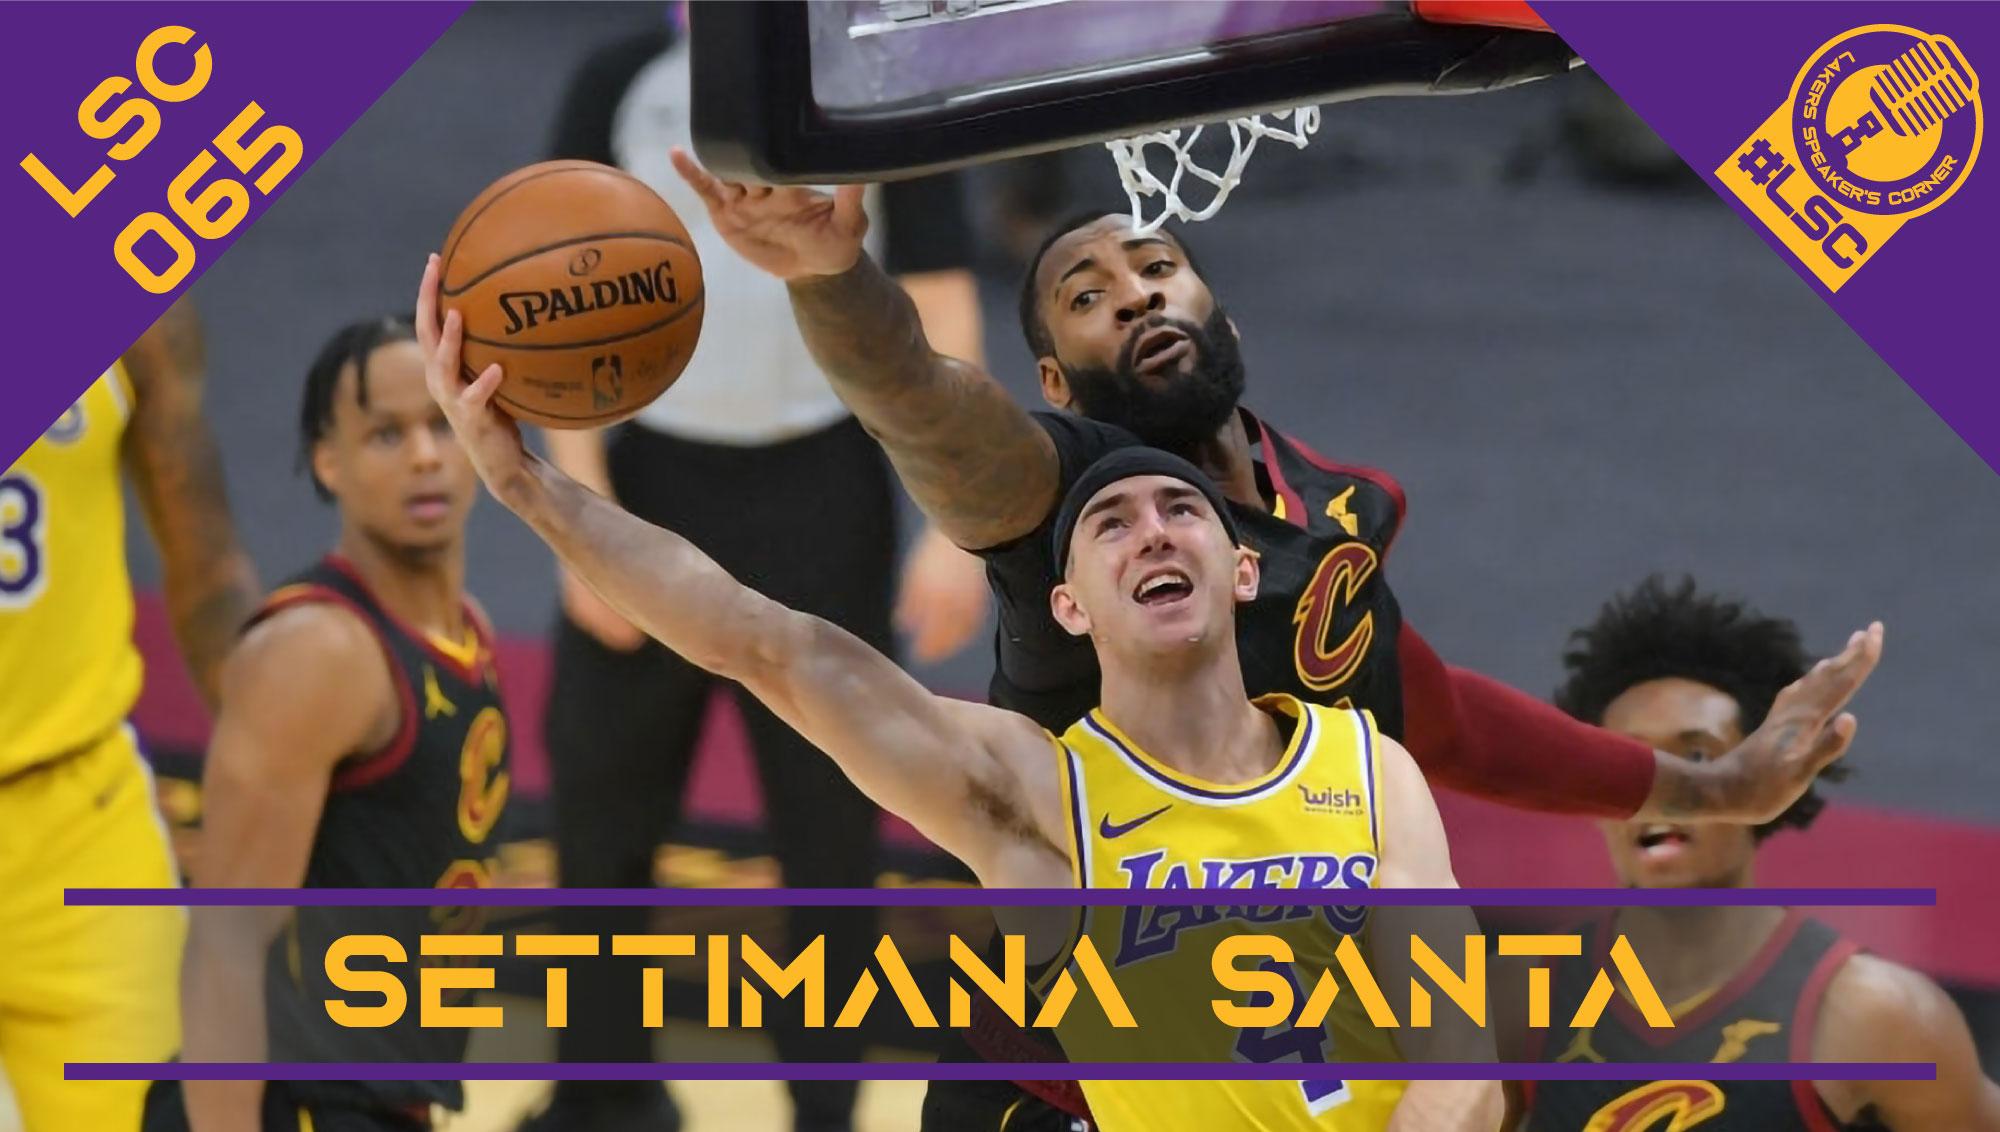 Le vittorie sofferte dei Lakers contro Cavs e Magic, la settimana di Dennis Schröder e l'arrivo di Andre Drummond.